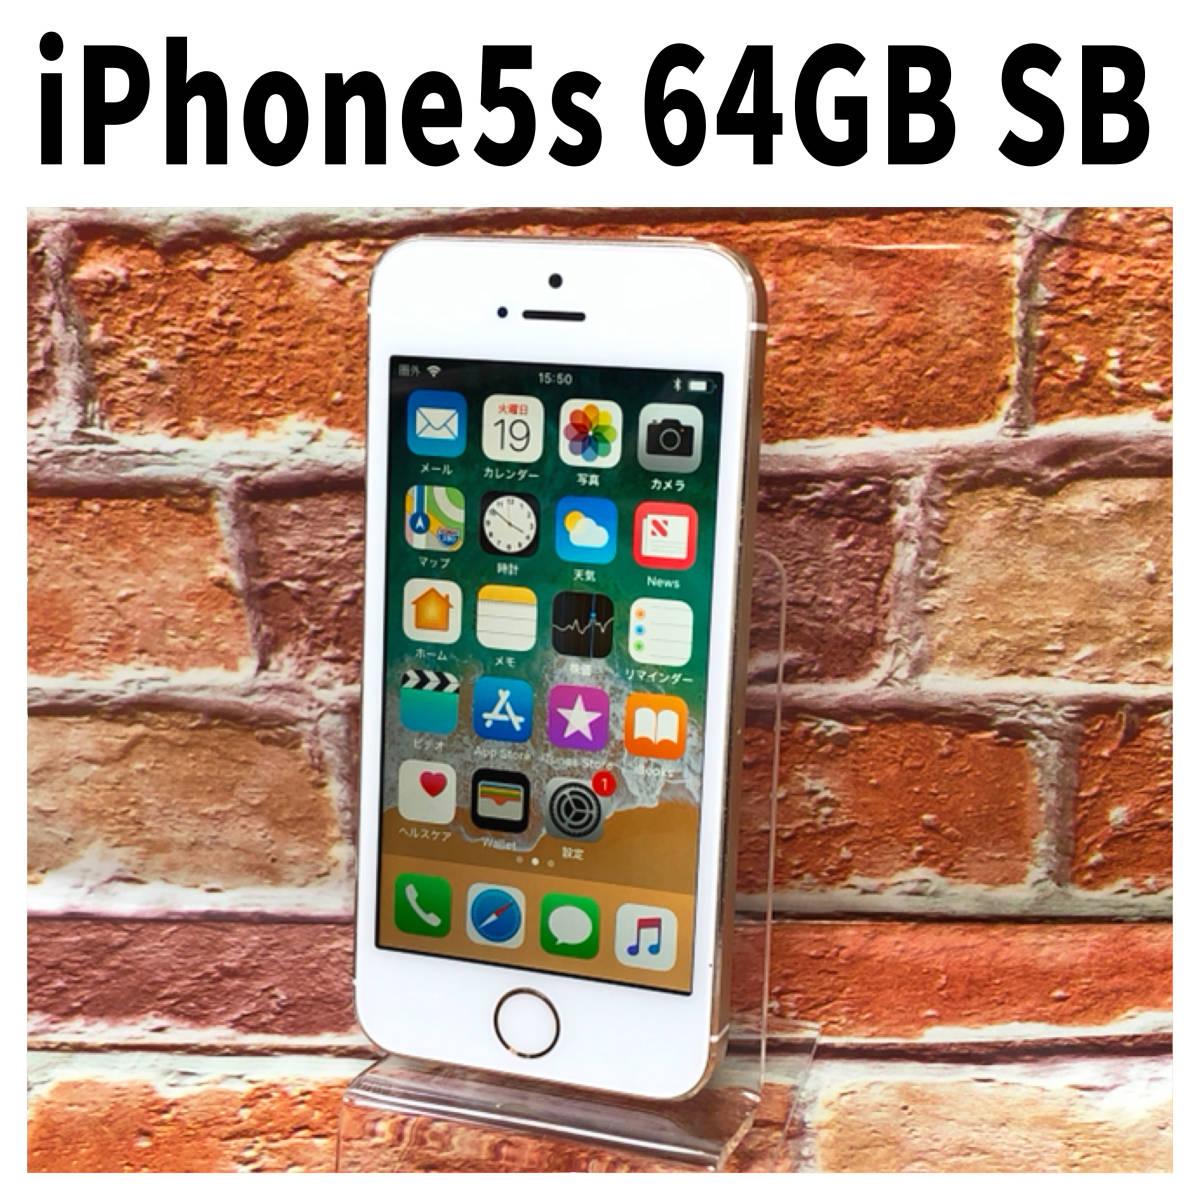 iPhone5s 64GB softbank ゴールド 使用感あり 完全動作品 利用制限○ バッテリー新品 初